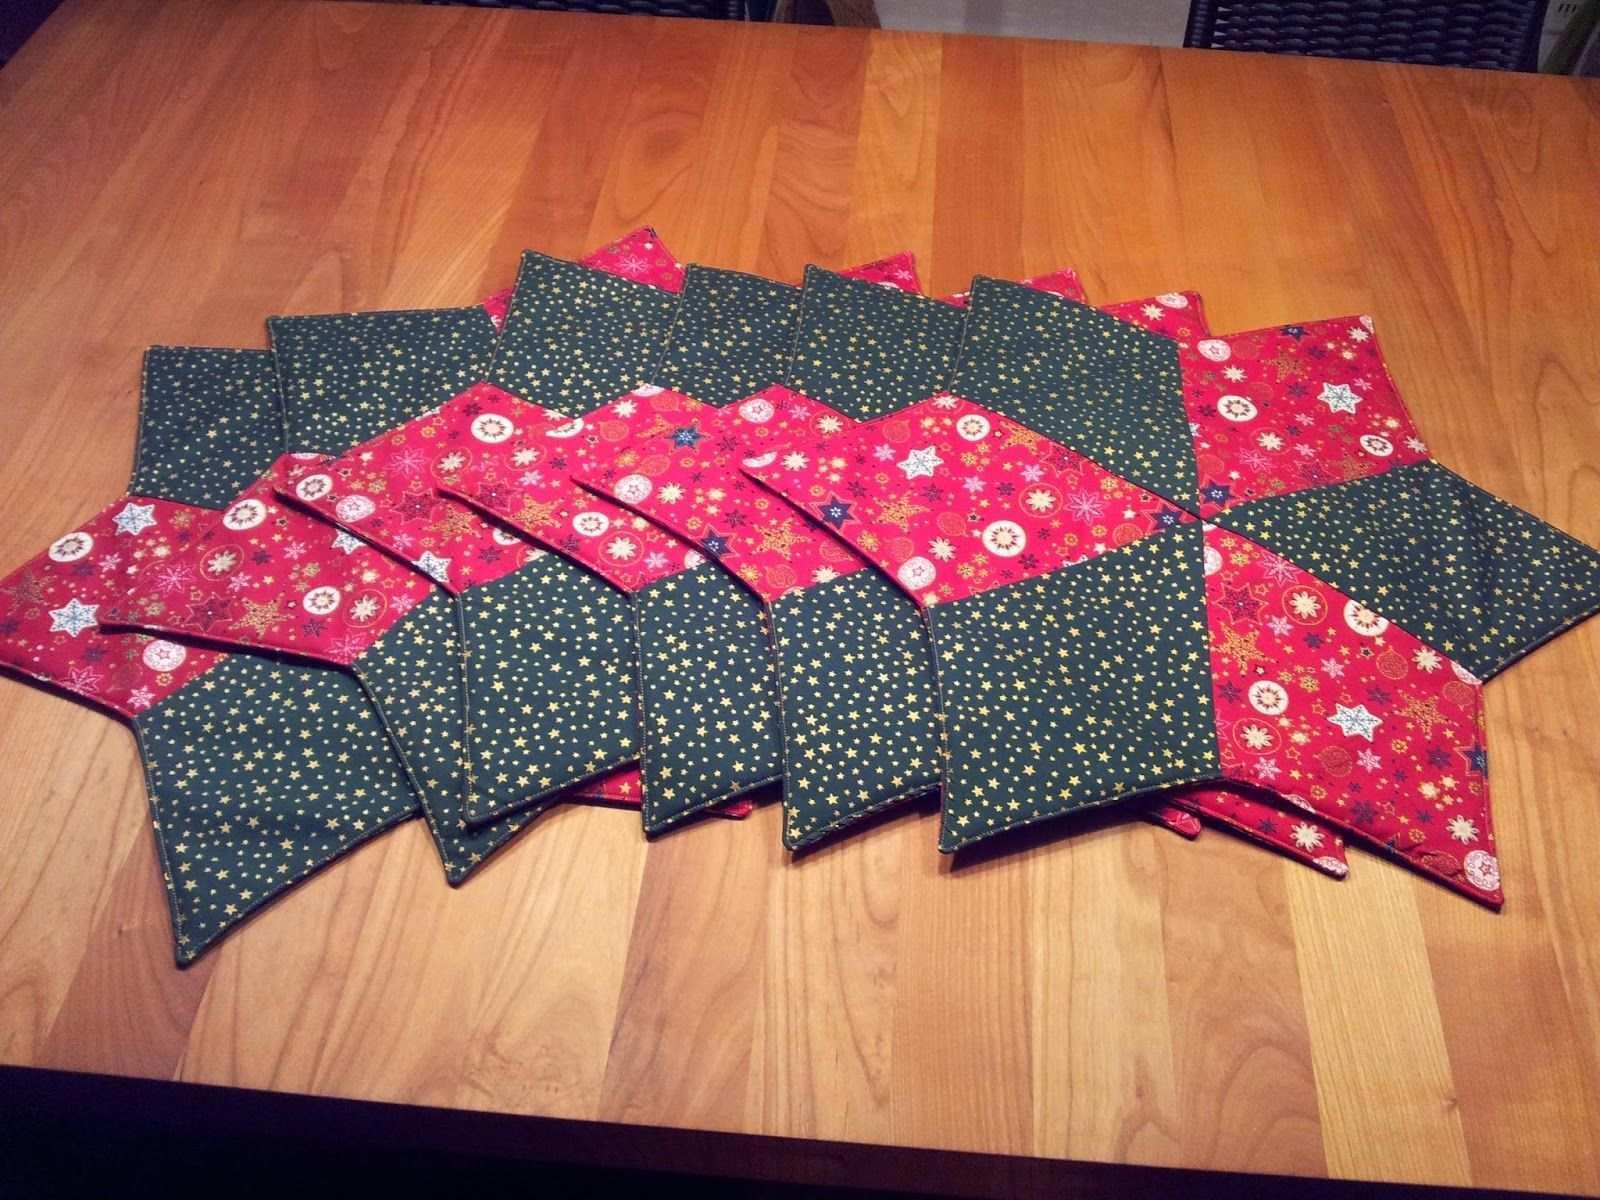 Tischset Stern Patchwork Anleitung Fotoanleitung Tutorial Weihnachten Weihnachtliche Tischsets Weihnachtsdeko Aus Stoff Fotoanleitung Tischset